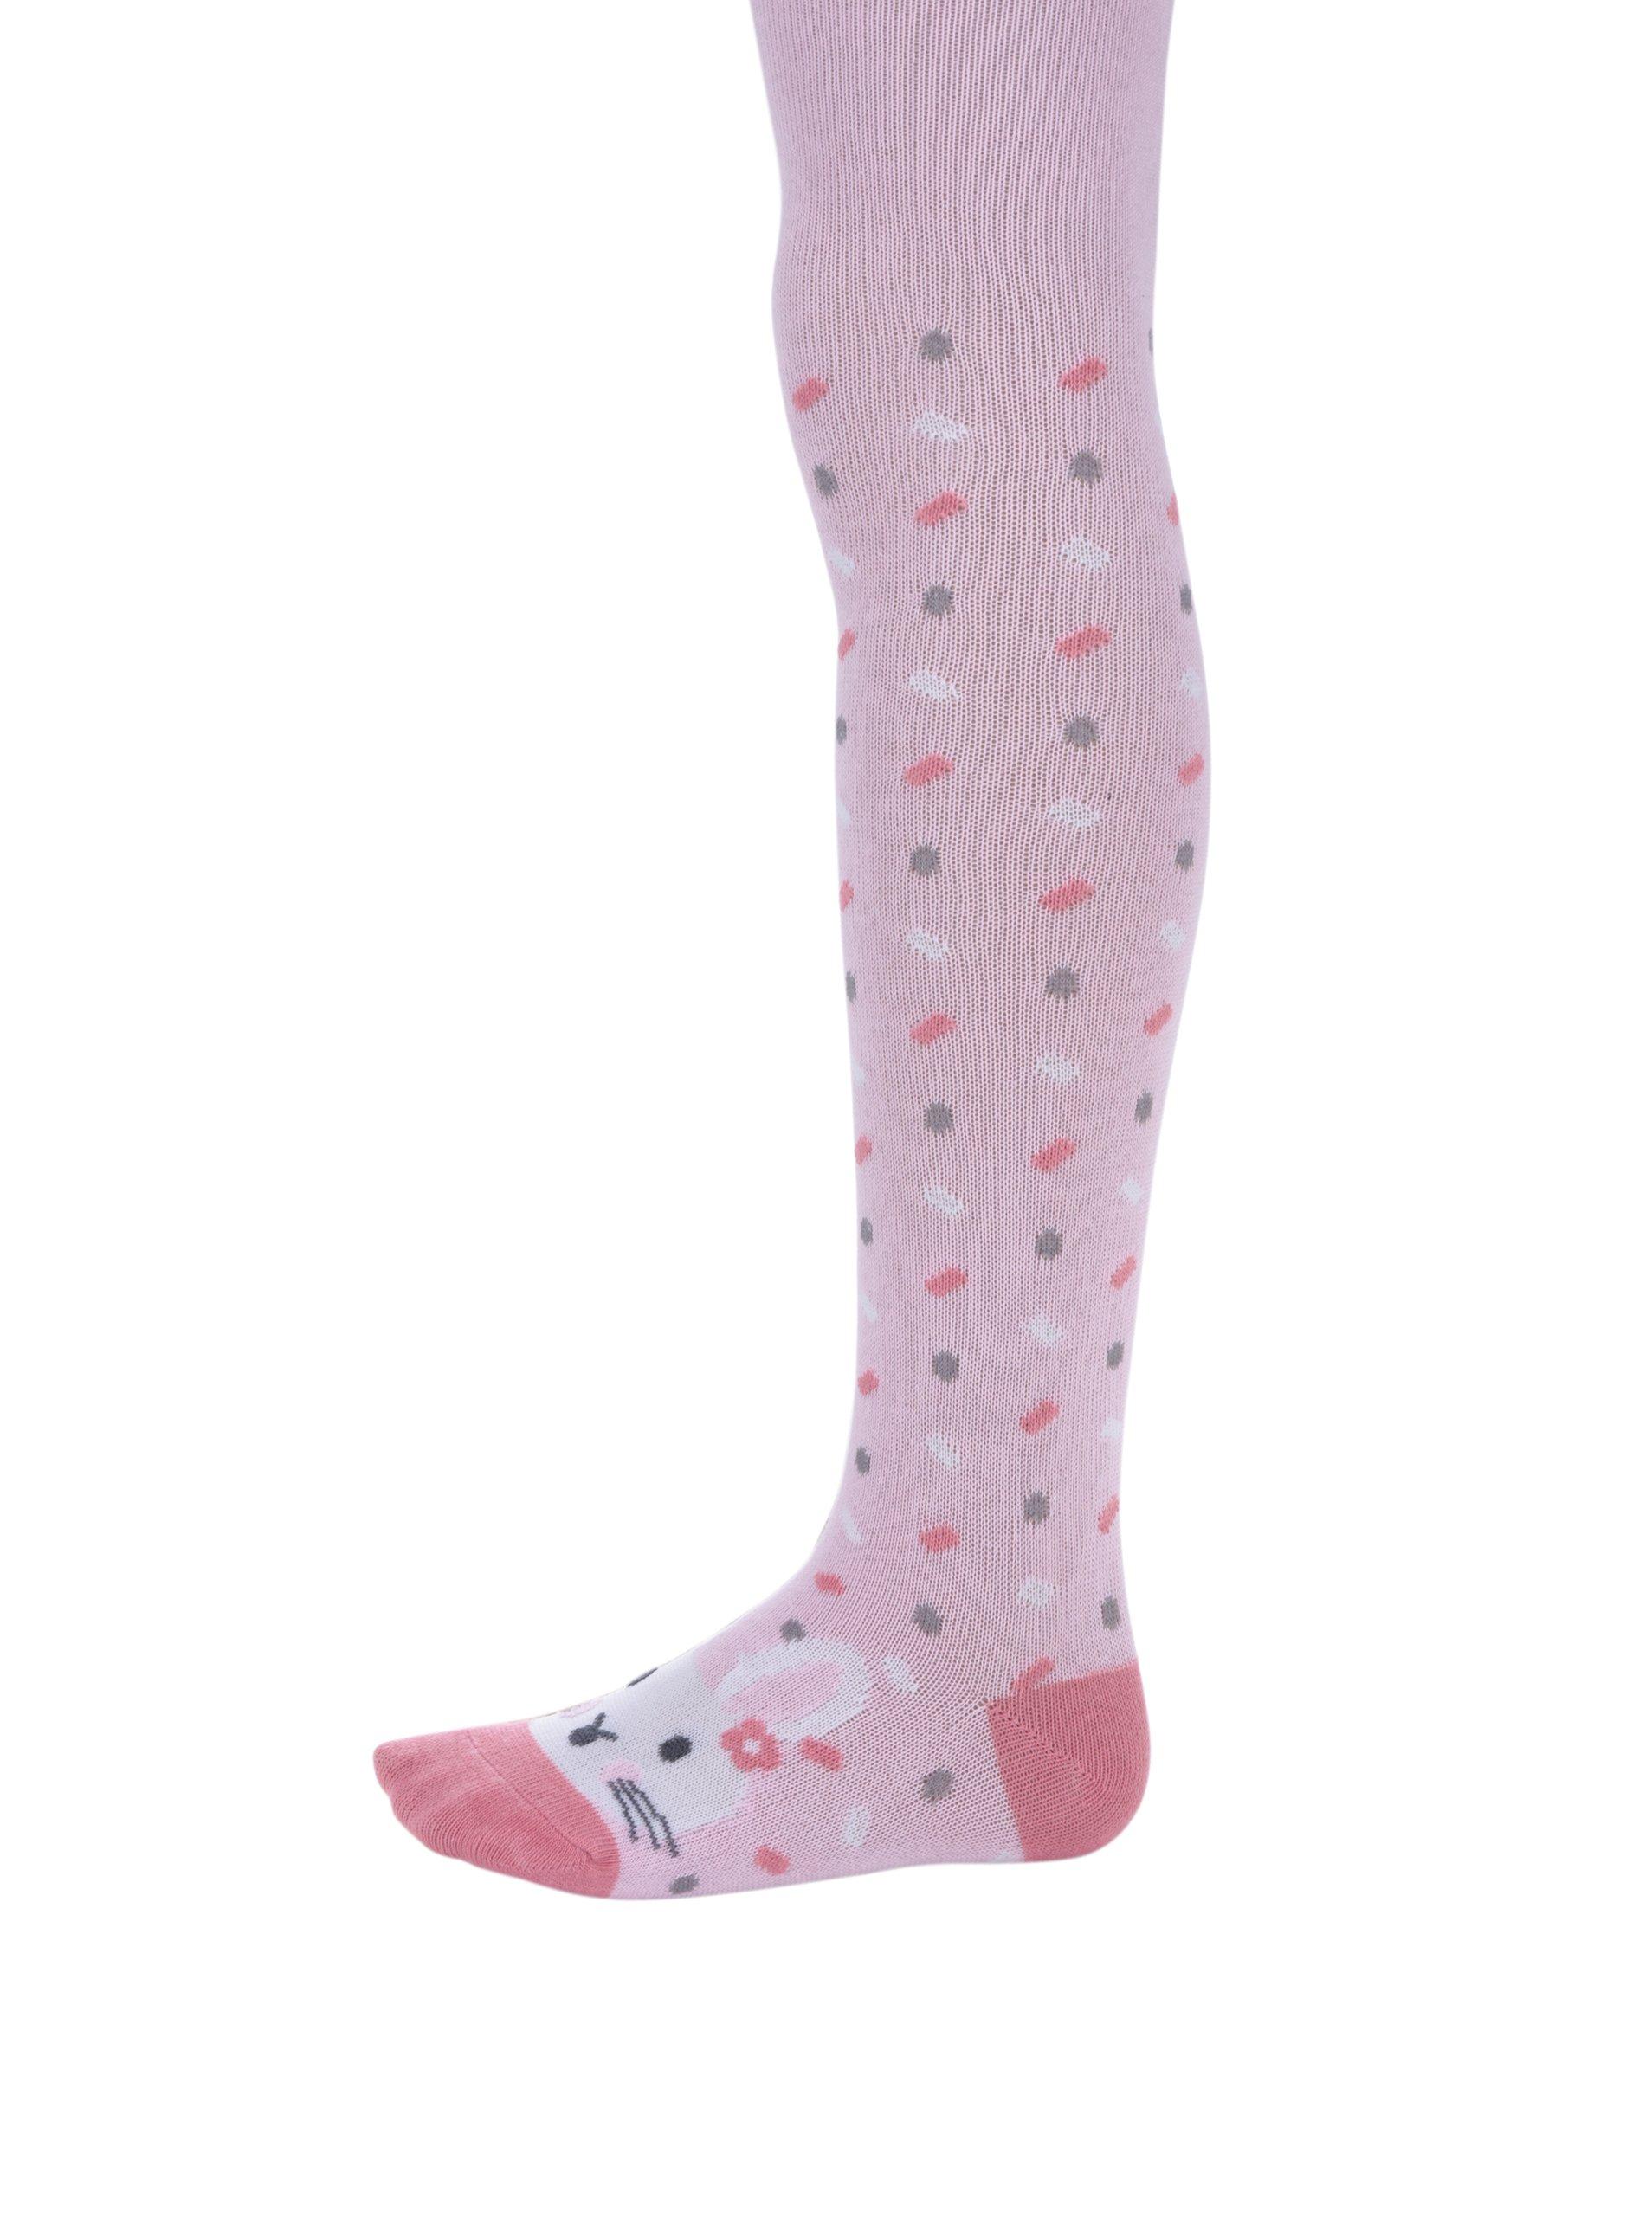 Růžové holčičí vzorované punčocháče s motivem králíka 5.10.15.